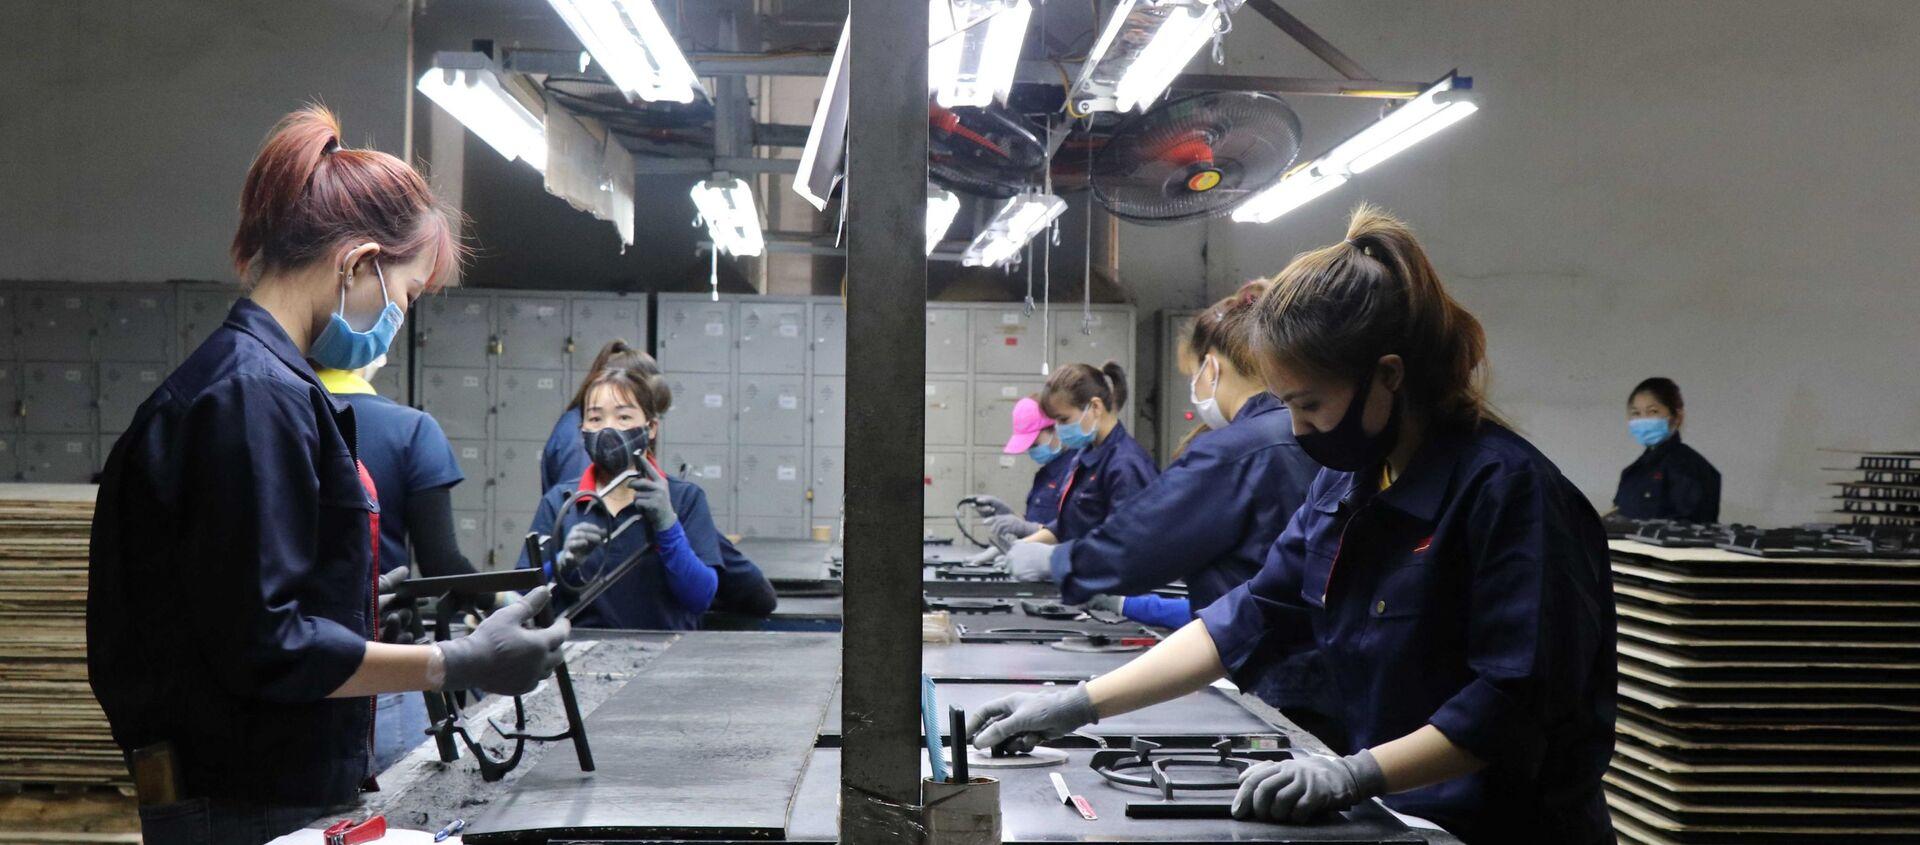 Công nhân làm việc tại Công ty TNHH Quốc tế Bright Việt Nam, huyện Thuận Thành, tỉnh Bắc Ninh.  - Sputnik Việt Nam, 1920, 28.05.2021